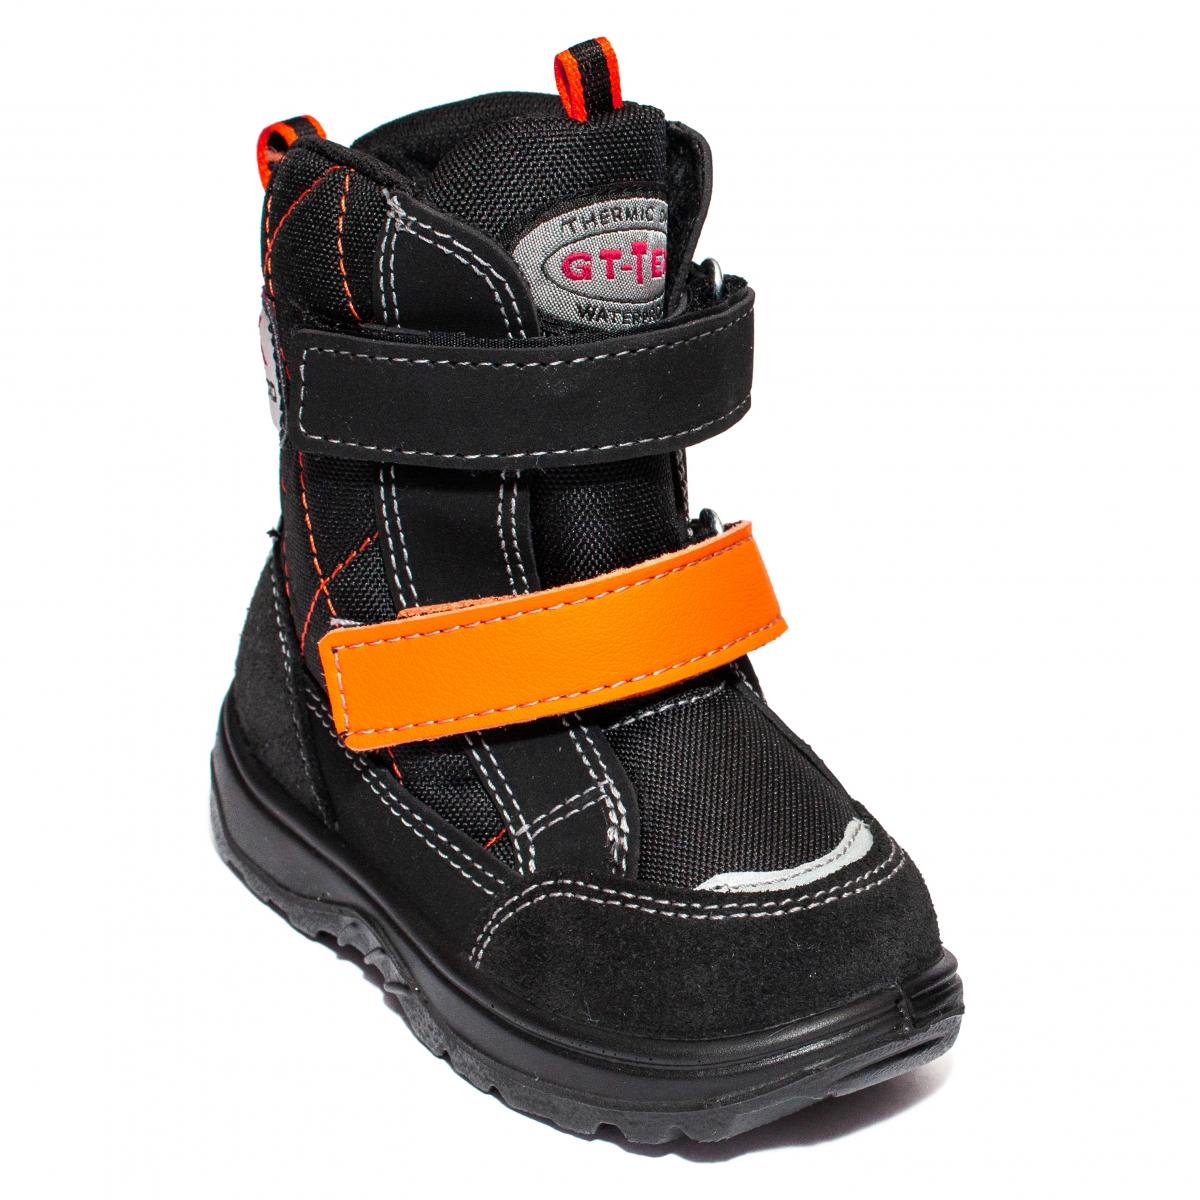 Apreskiuri copii blana GT tex 95113 negru orange 26-37